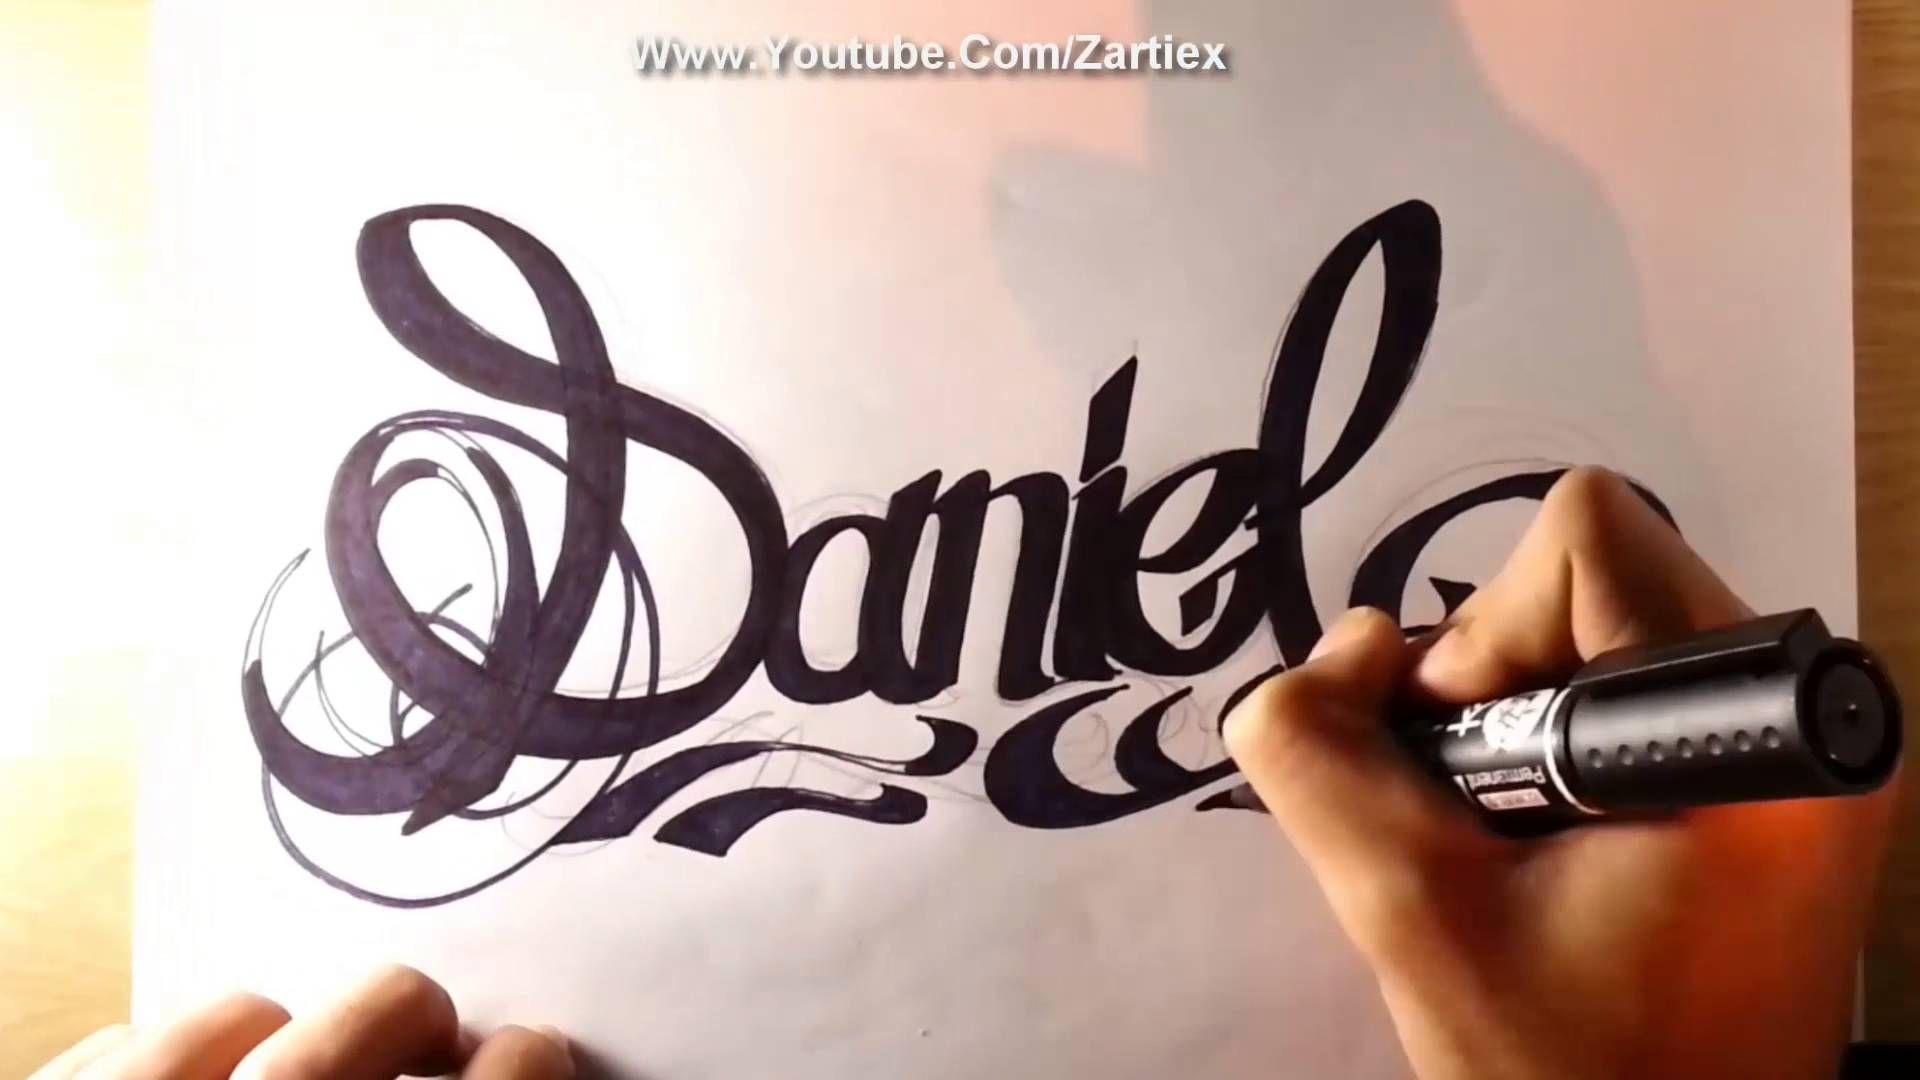 Mehndi Tattoo Hd : Top graffiti tattoo ideas henna tattoos tribal lettering